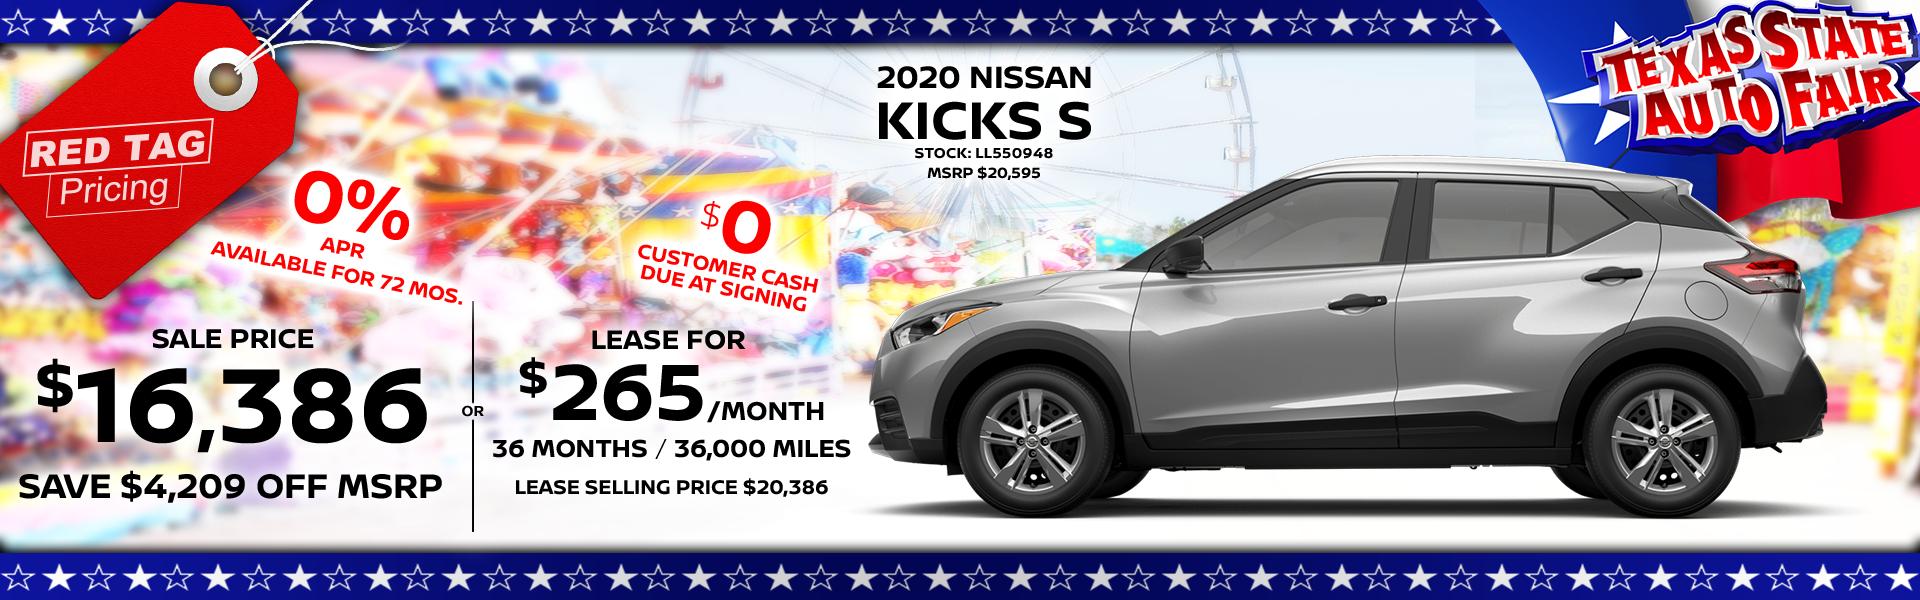 new-NisLew-Kicks-1920×600-1020